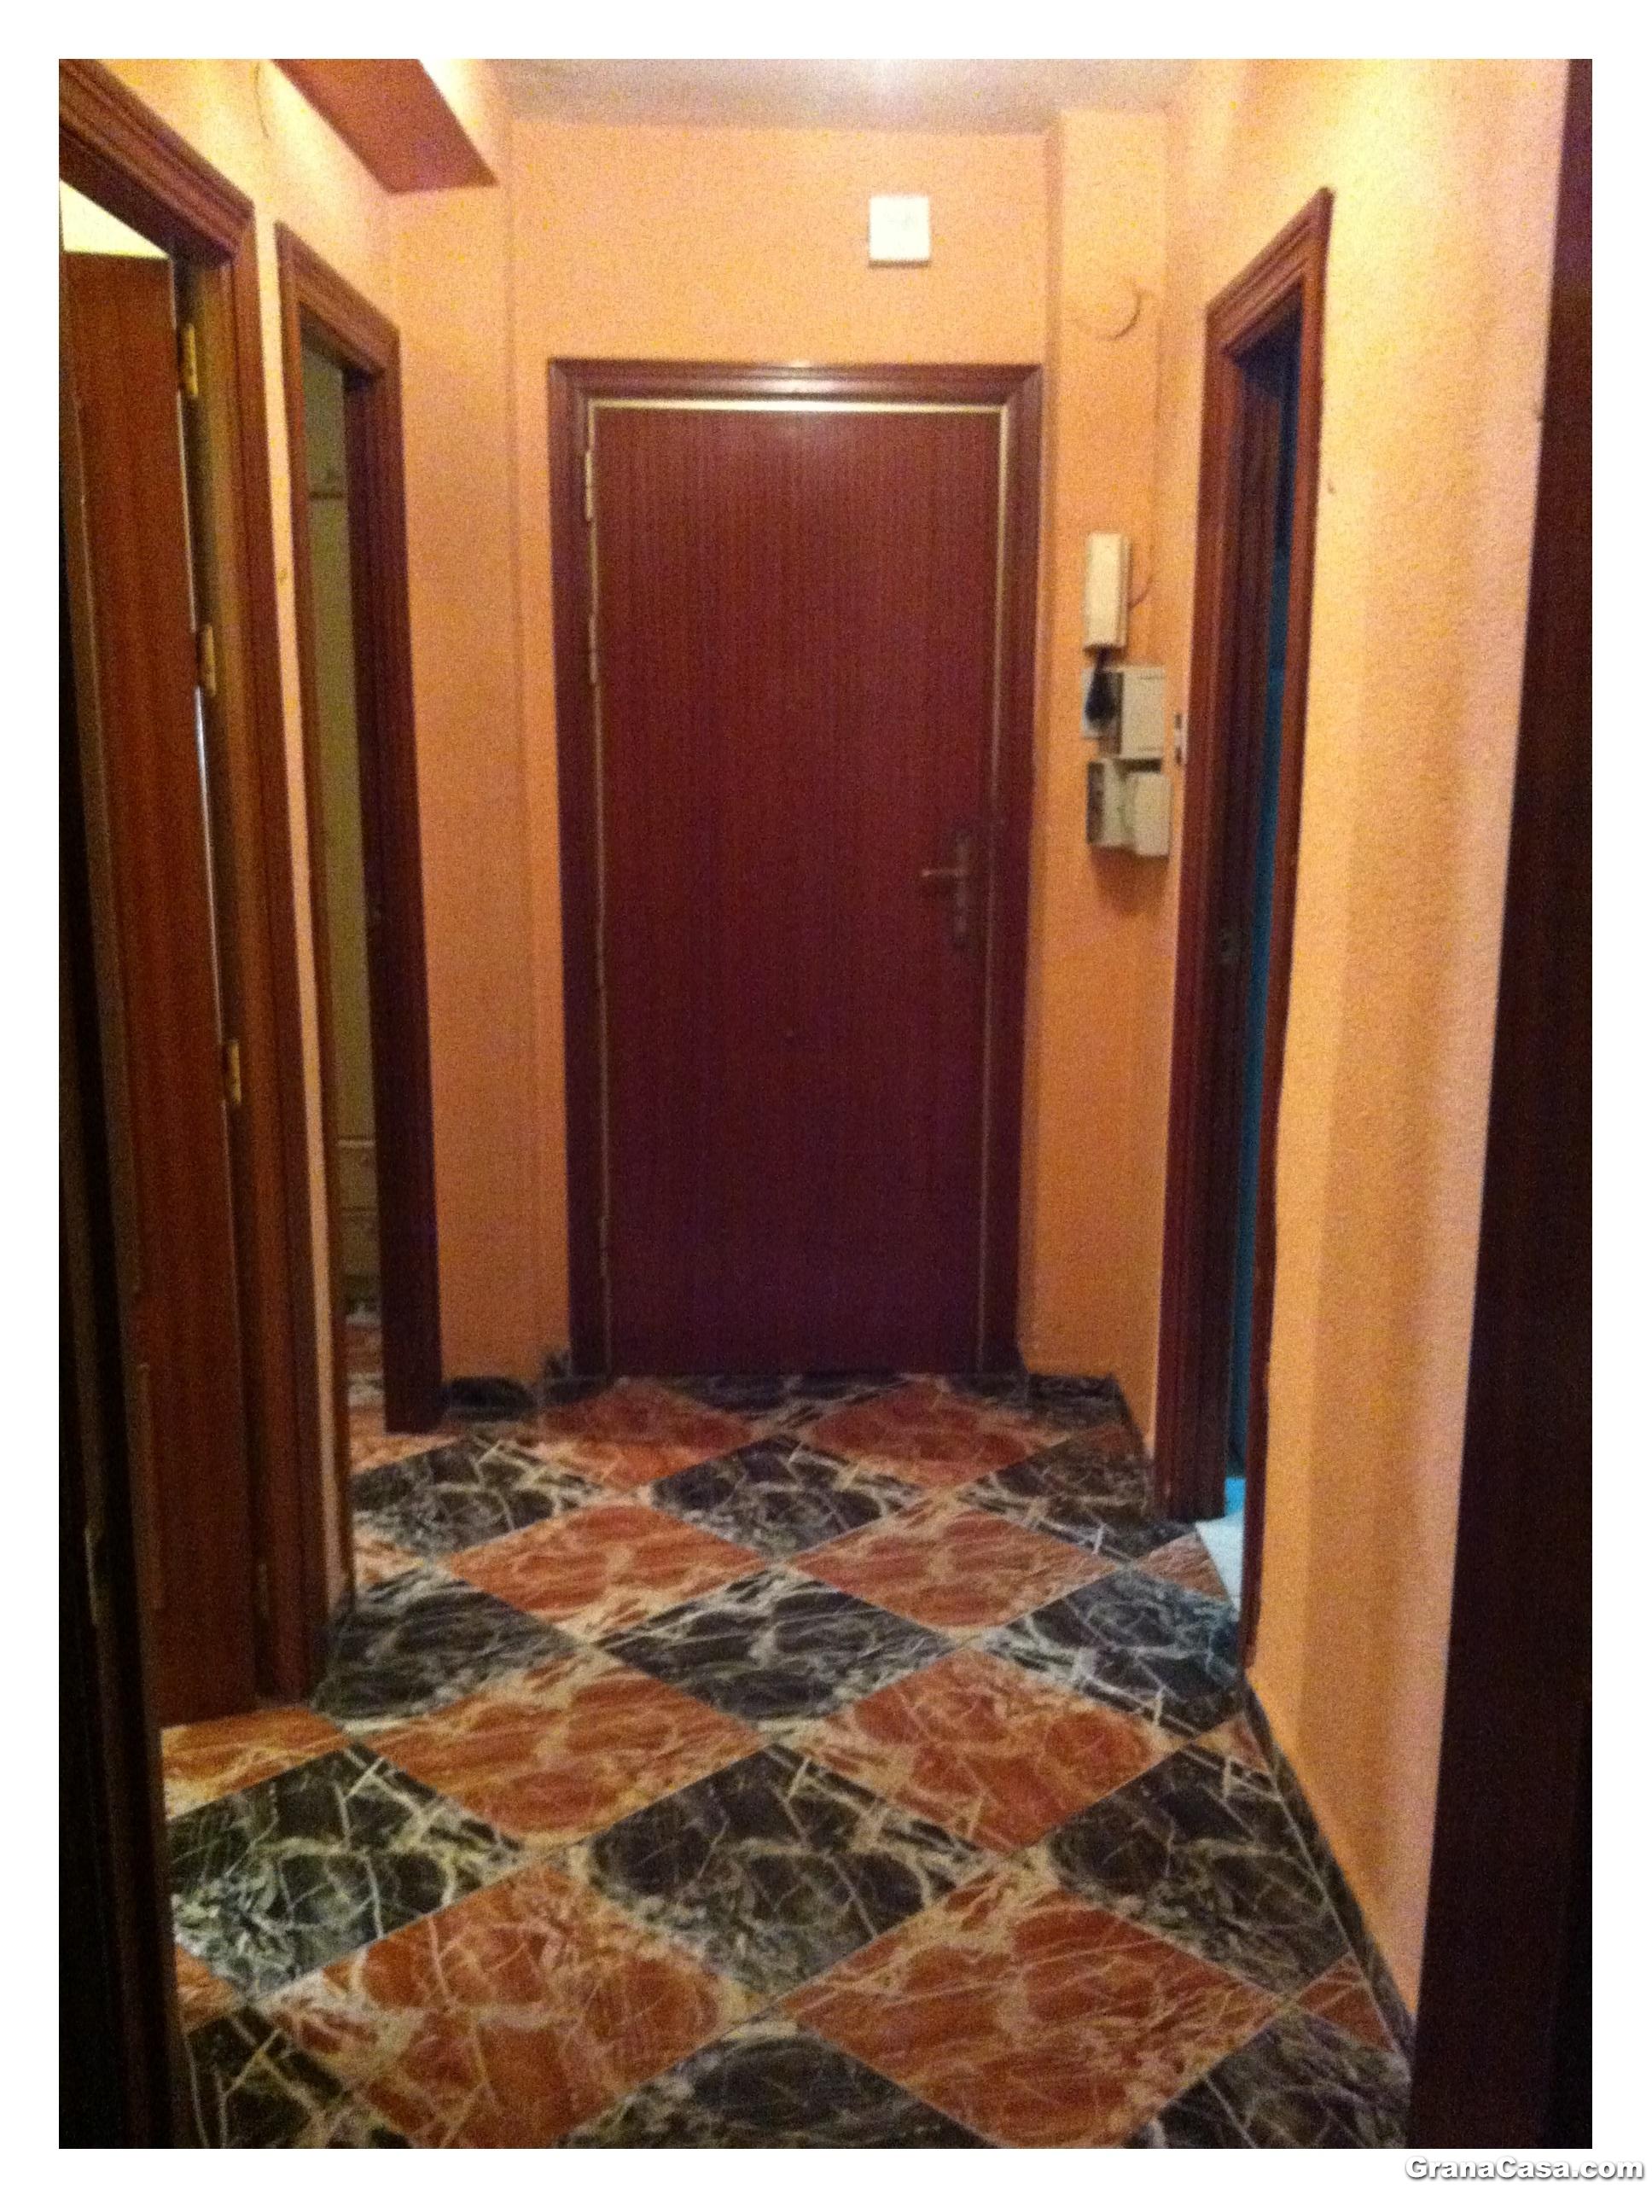 Piso en alquiler por habitaciones cerca de facultad de - Alquiler piso amorebieta ...